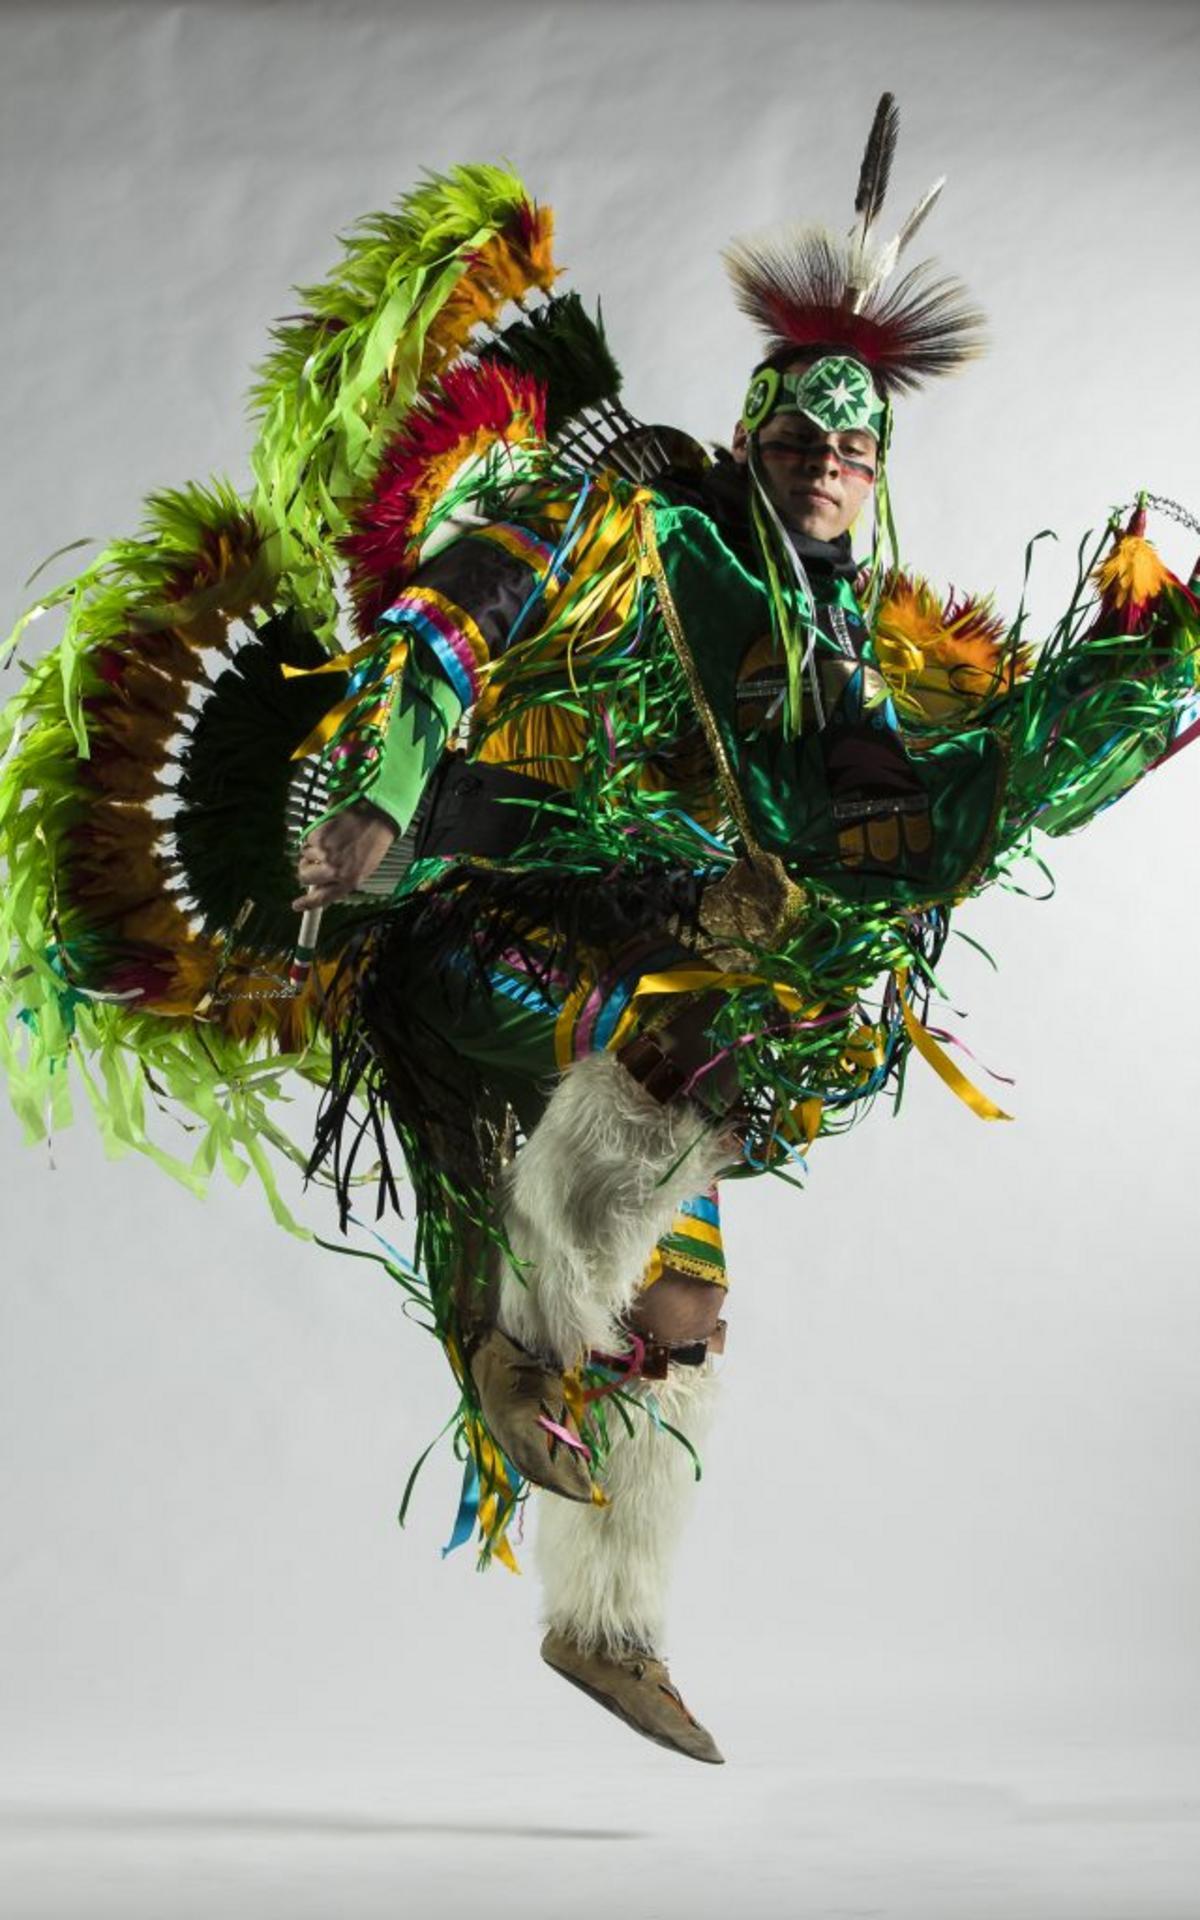 Nhóm Huyền Thoại Sống Living Legends: Trong các buổi biểu diễn khiêu vũ, âm nhạc và trang phục lấy cảm hứng từ các nền văn hóa, Nhóm Living Legends (Nhóm Huyền Thoại Sống) của BYU tôn vinh các di sản của người Mỹ La-tinh, người Da Đỏ và người Polynesian (từ các quần đảo ở Thái Bình Dương).